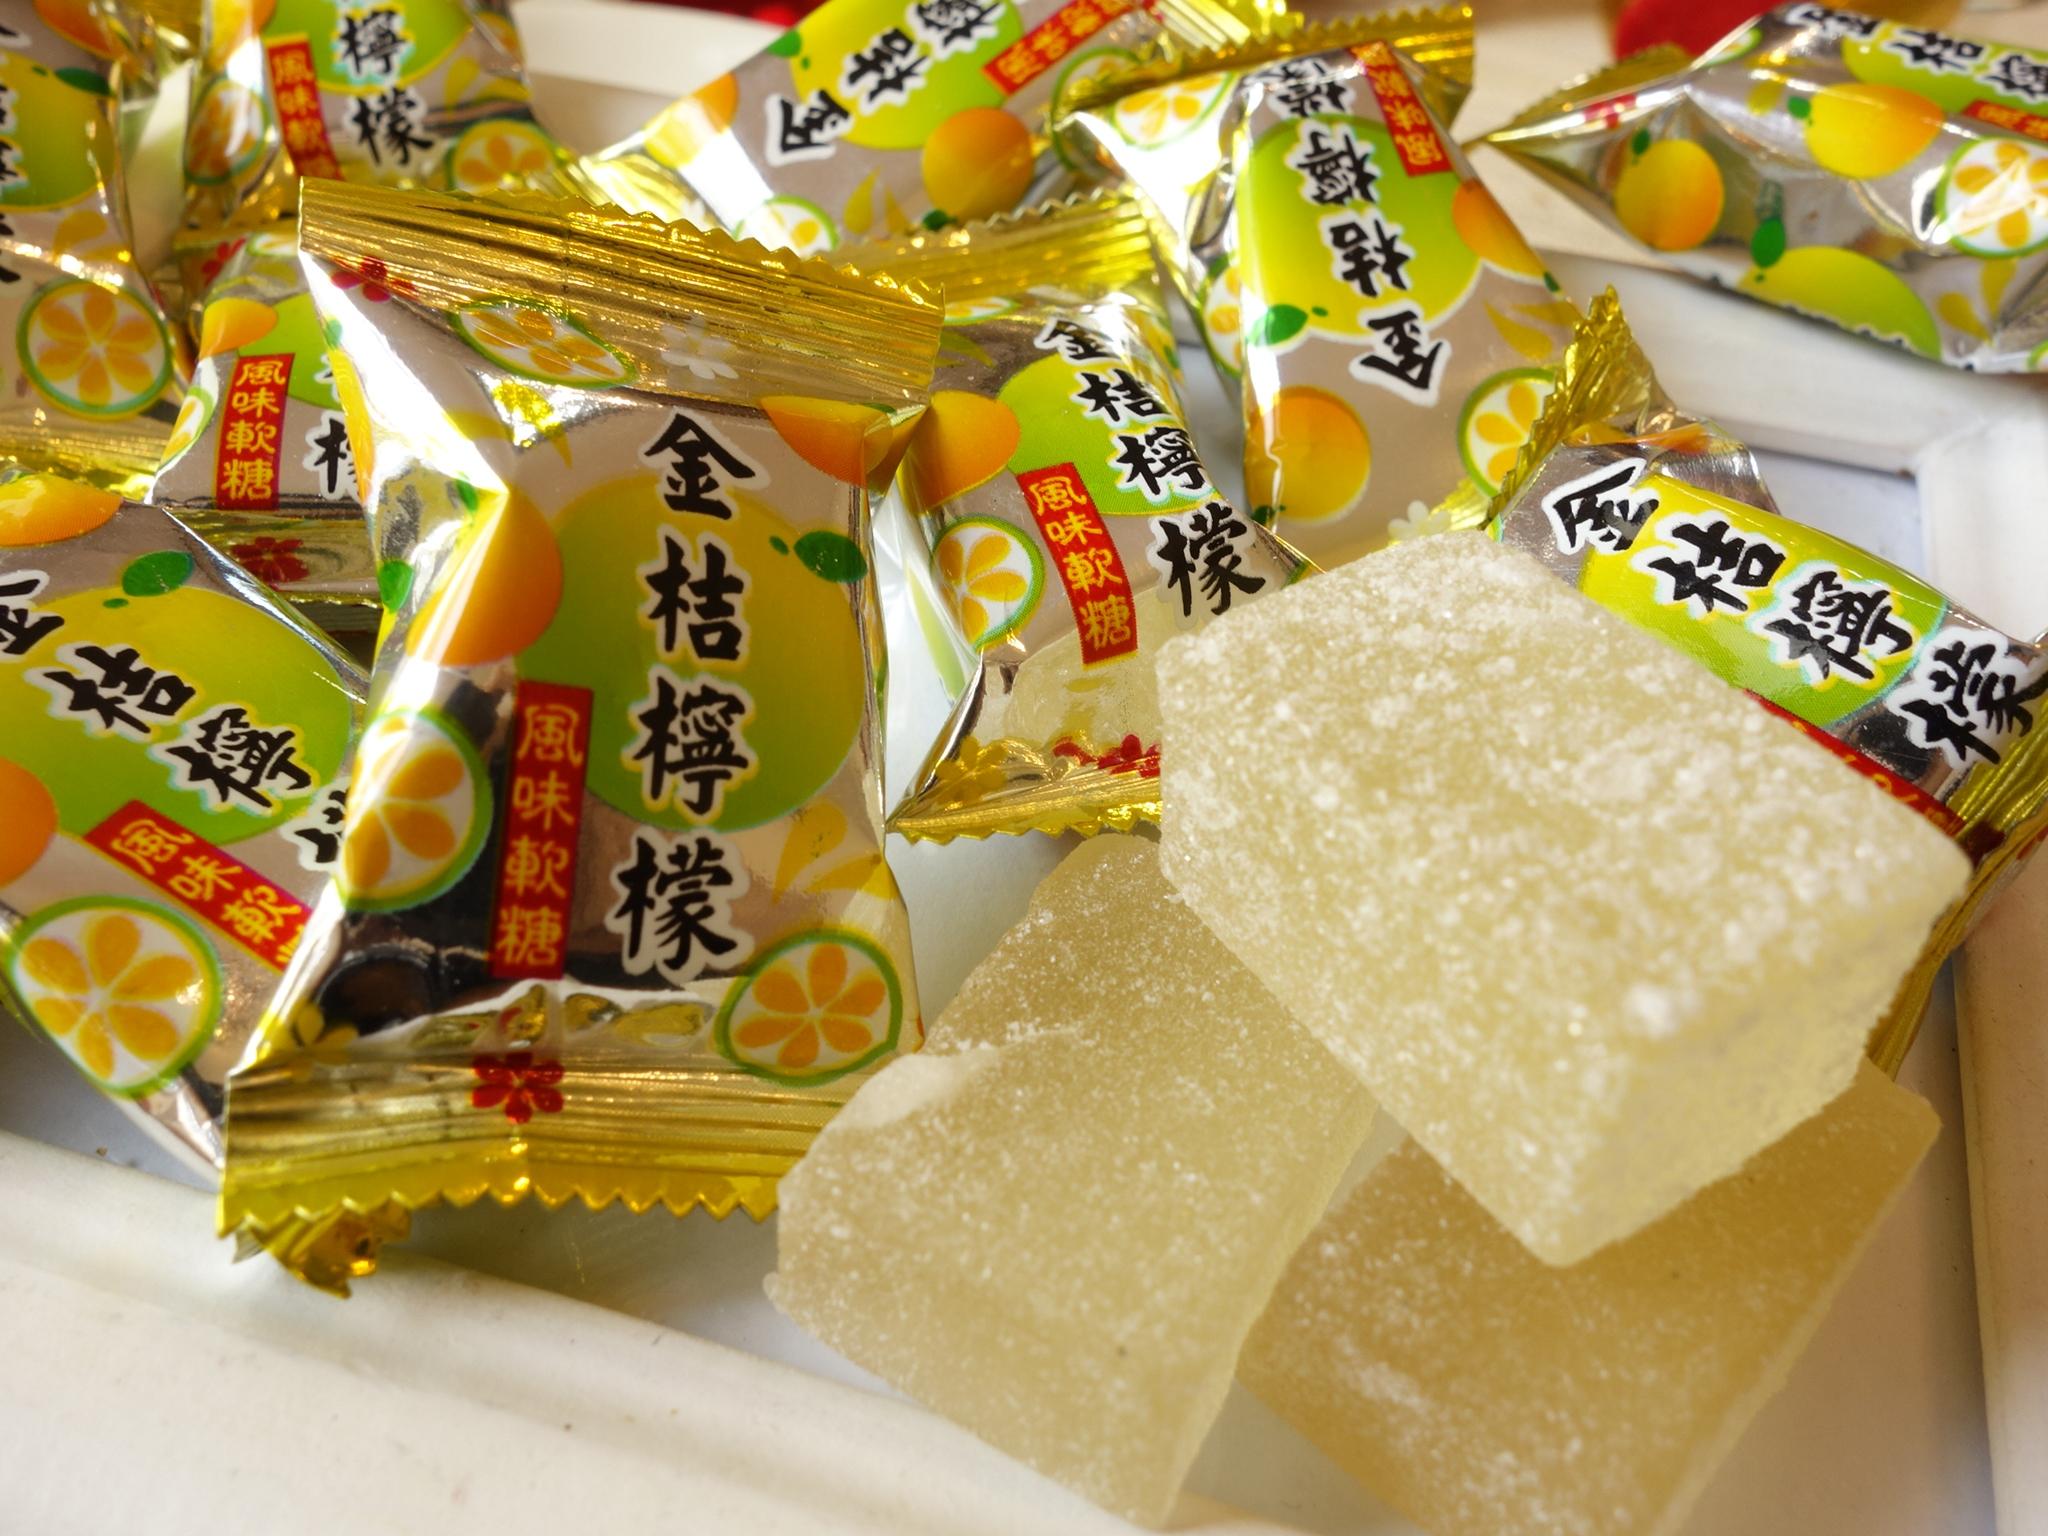 【野味食品】金桔檸檬風味軟糖250g/包,540g/包(水果風味軟糖,傳統軟糖,桃園實體店面出貨)